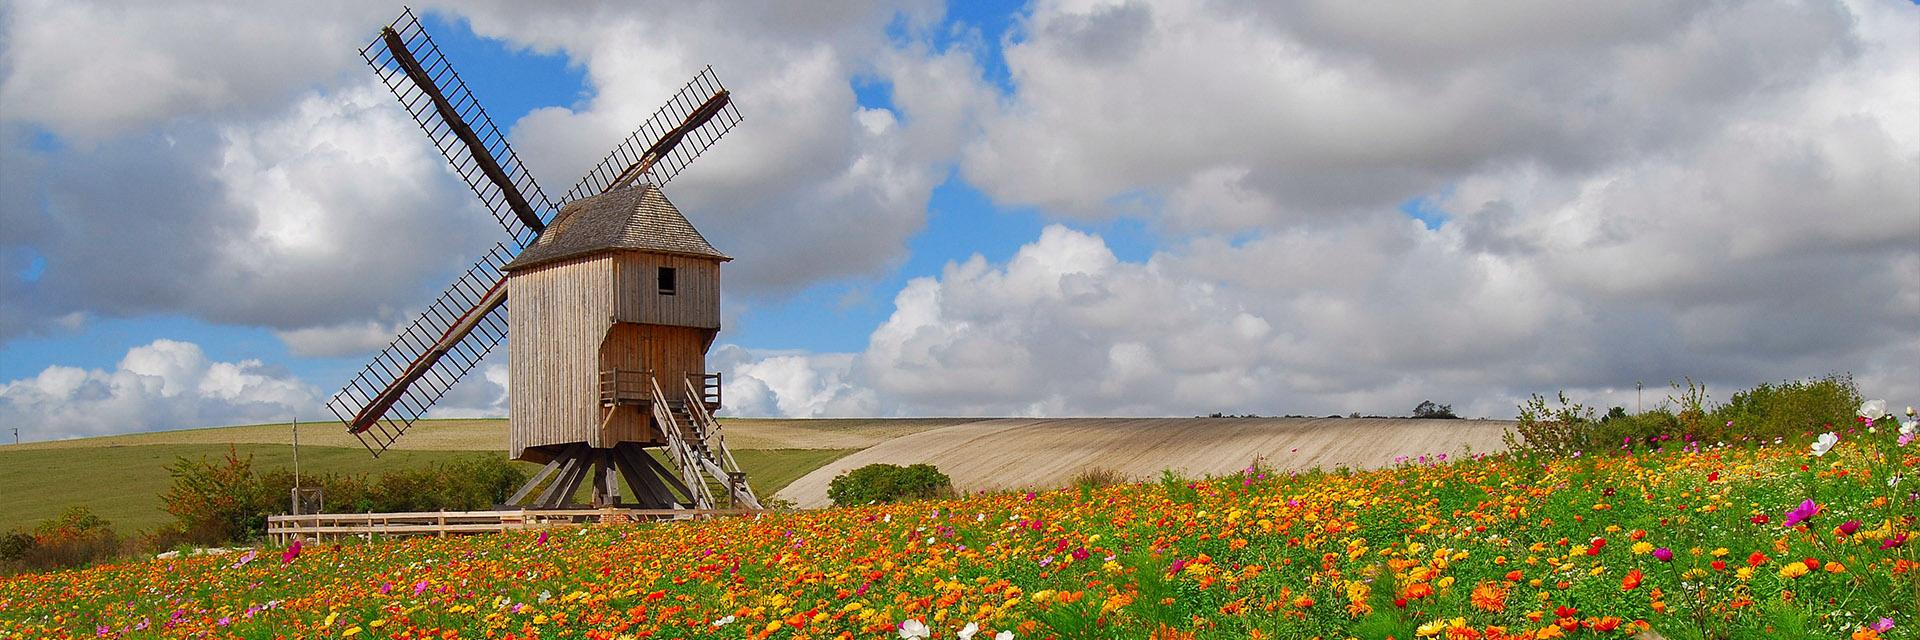 Village-vacance-cap-france-hotel-club-du-lac-orient-moulin